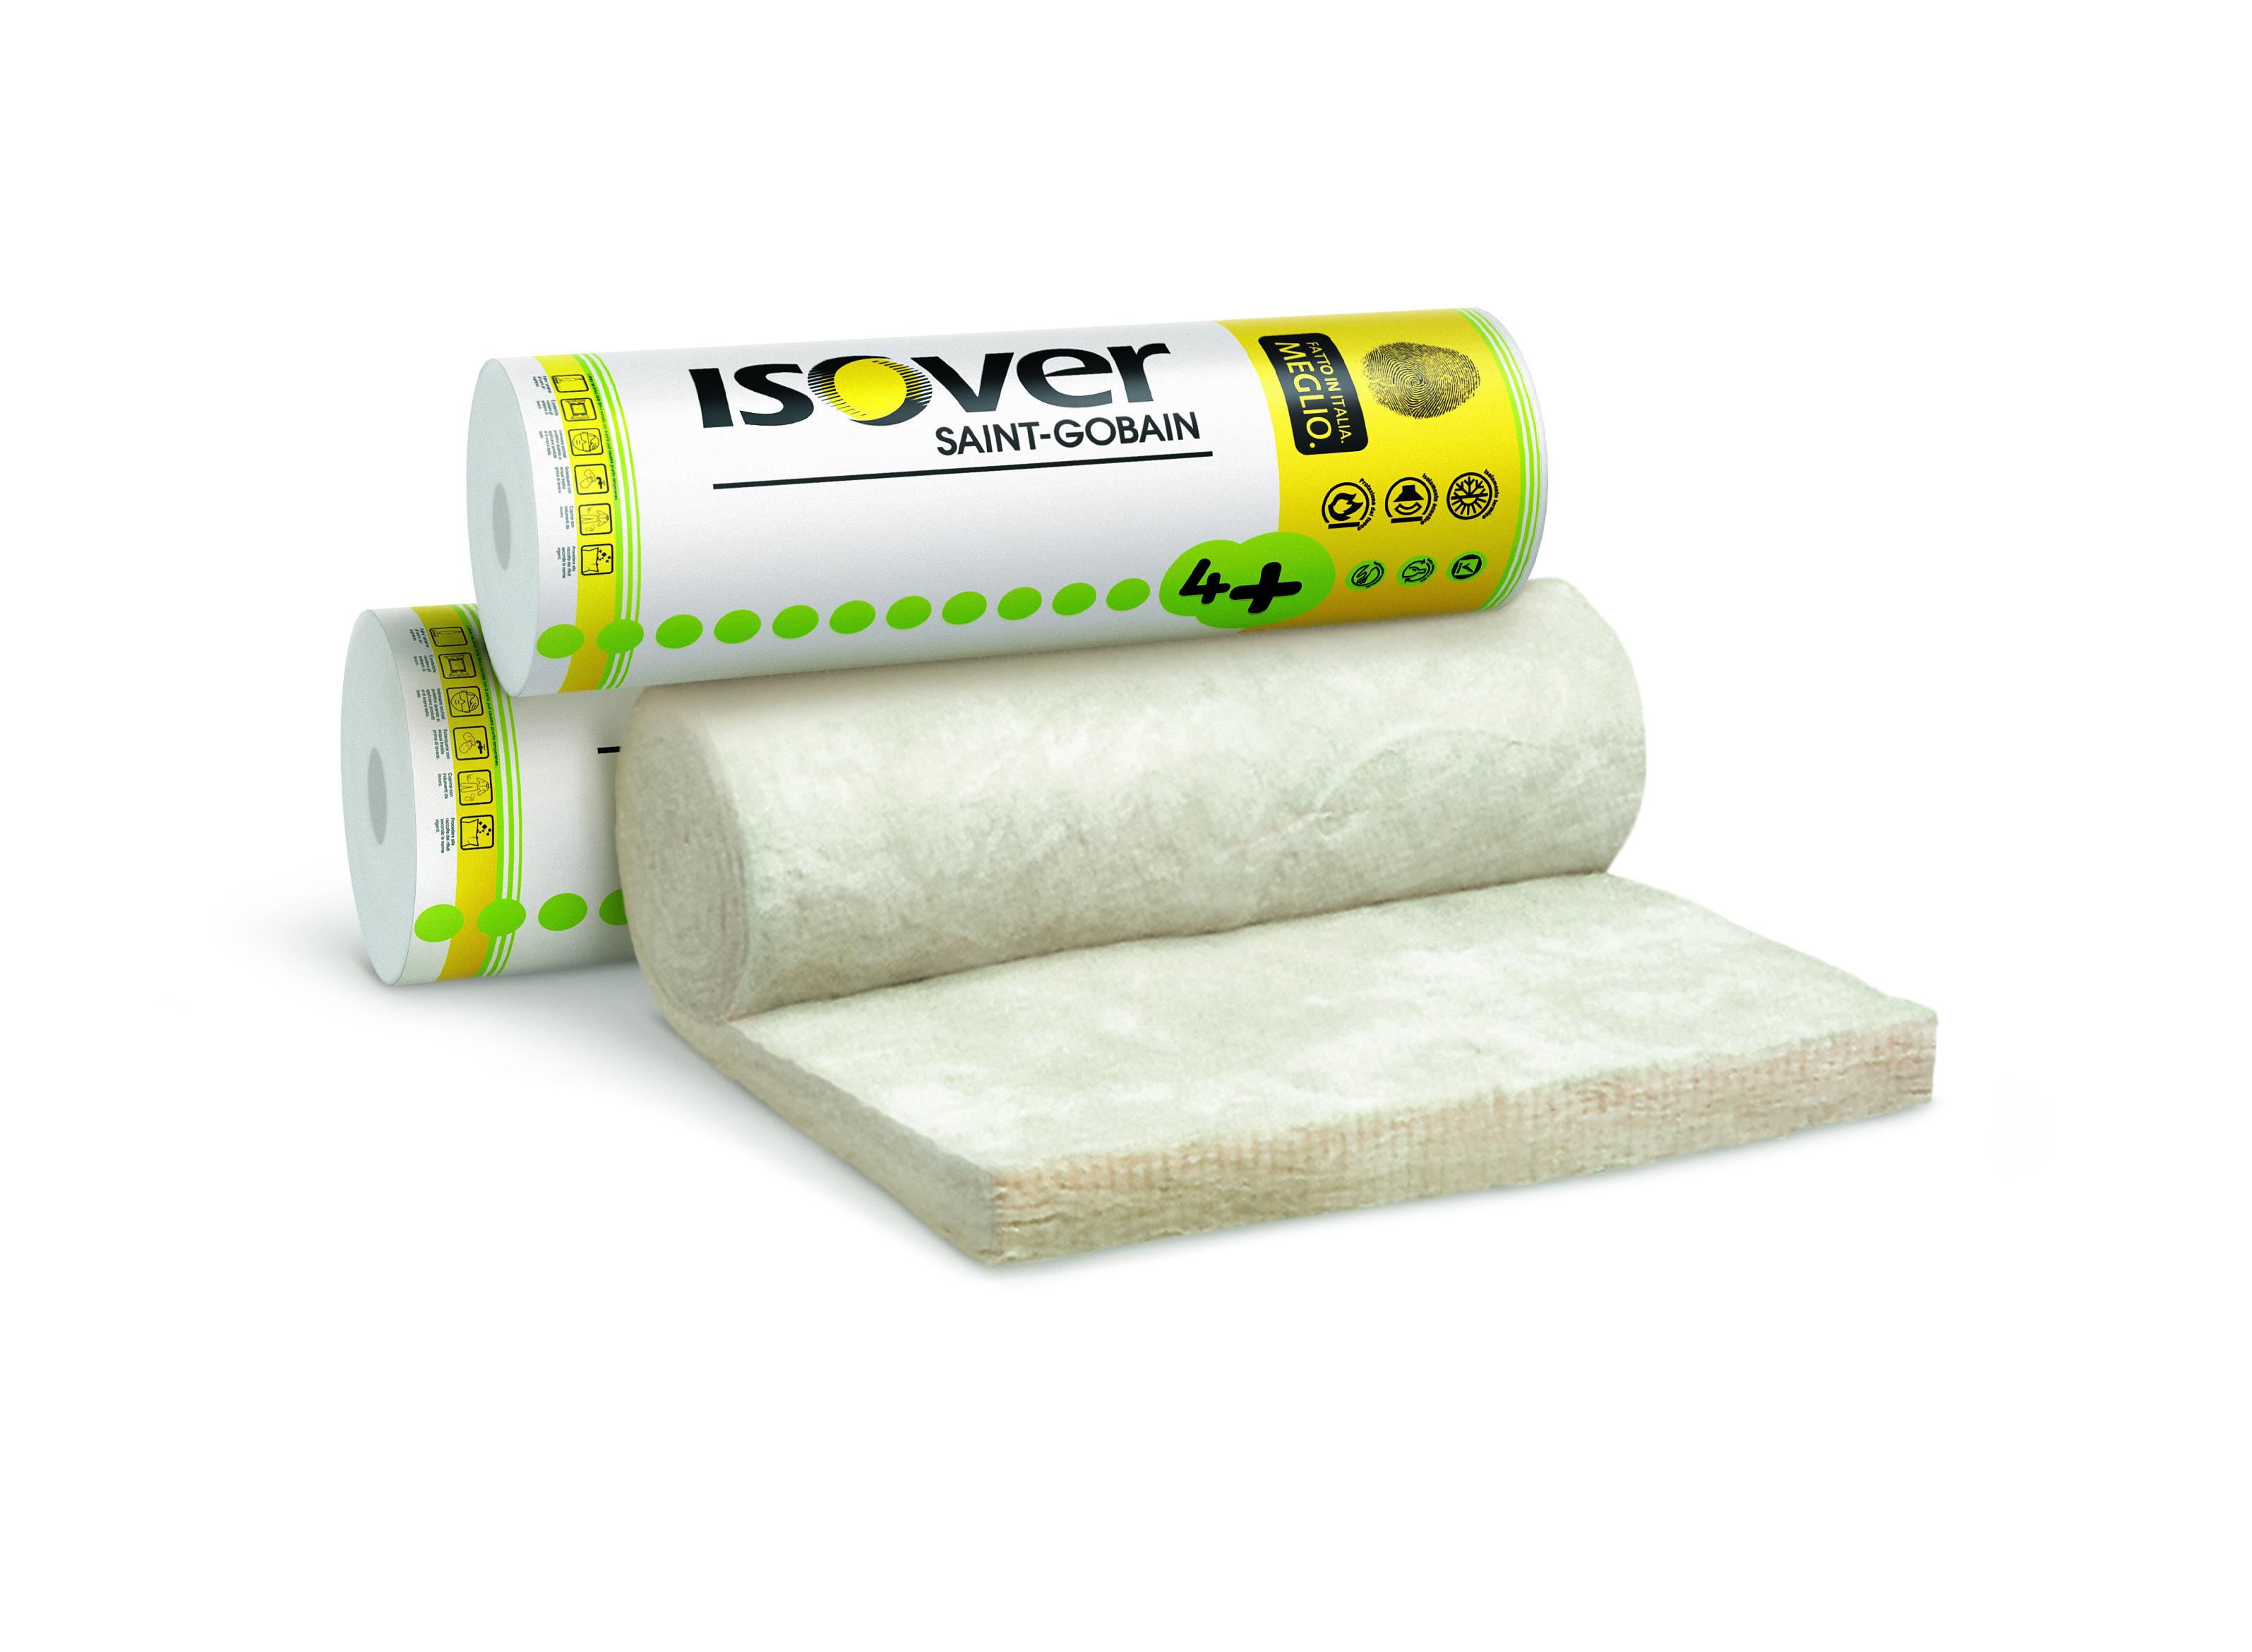 Staklena vuna za toplinsku i zvučnu izolaciju, 160 mm, EVO 4+, ISOVER